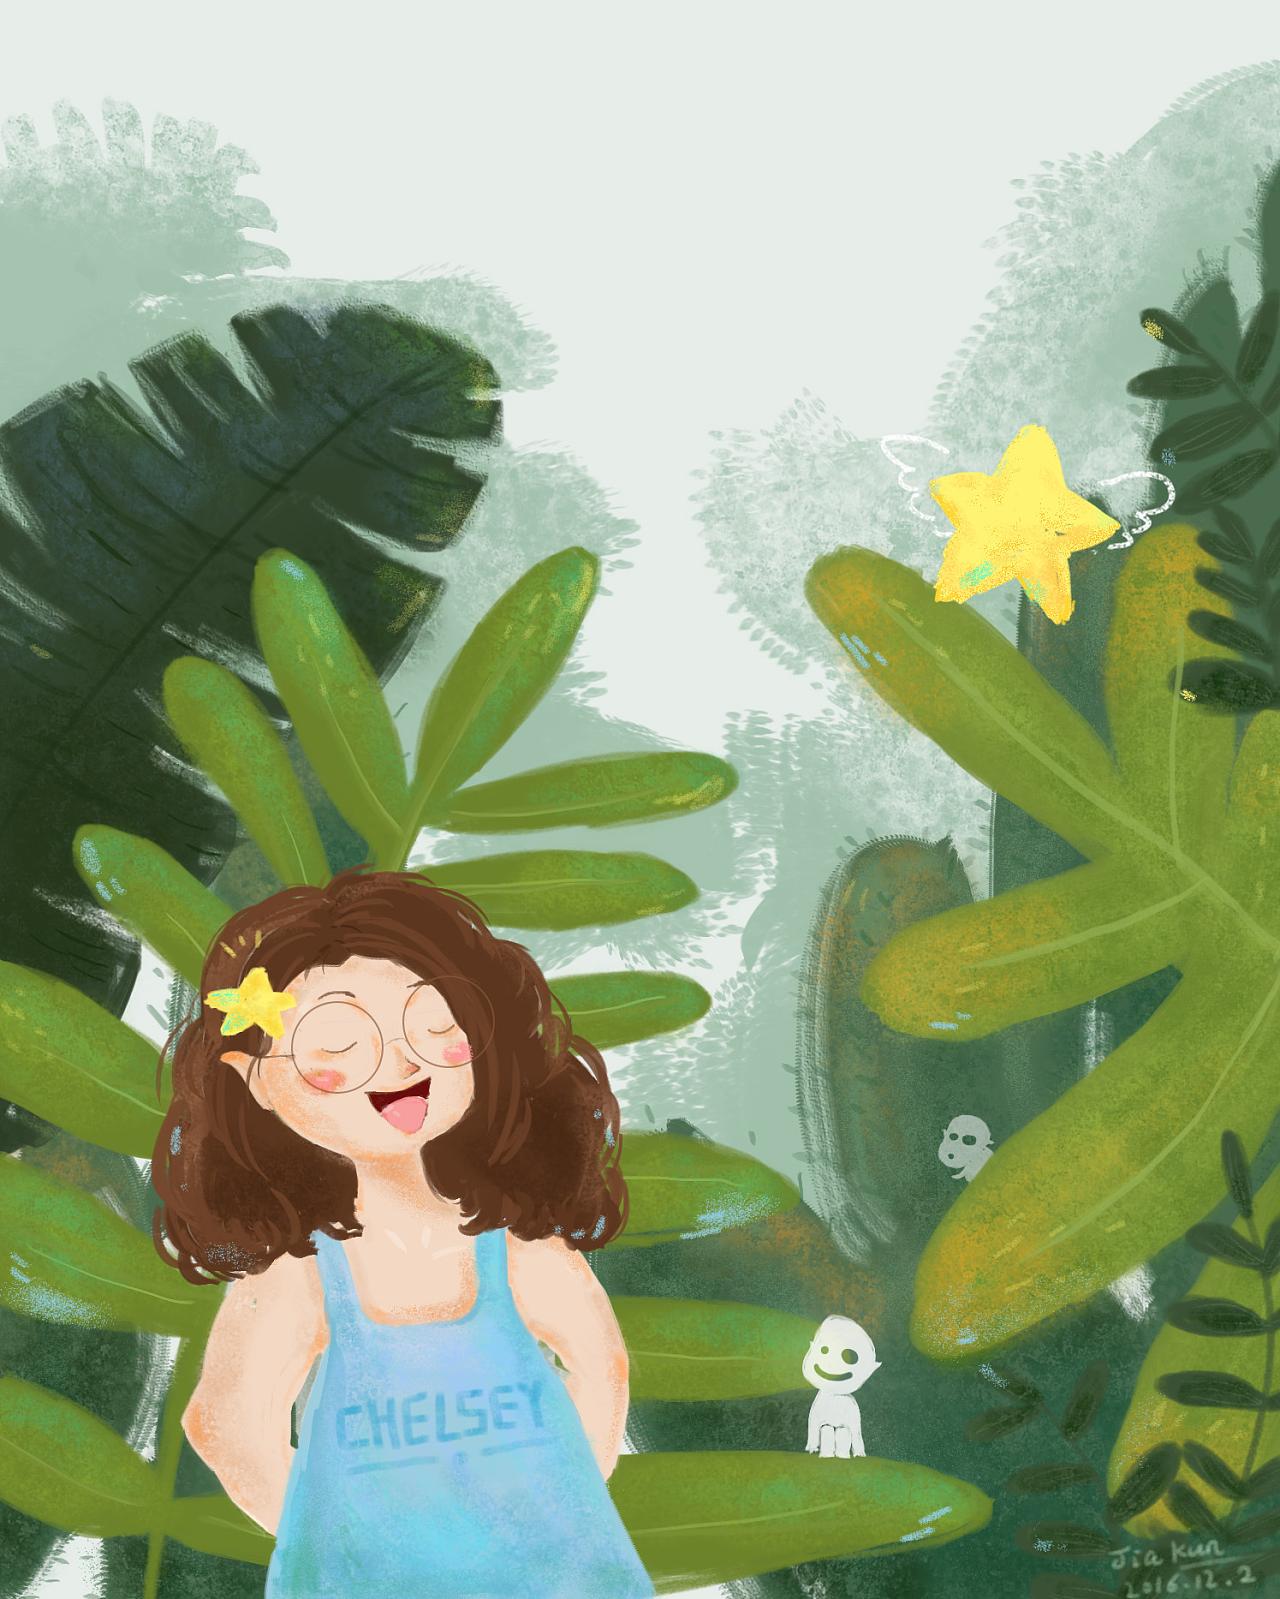 原创-水彩手绘插画《森林精灵》 绘画过程